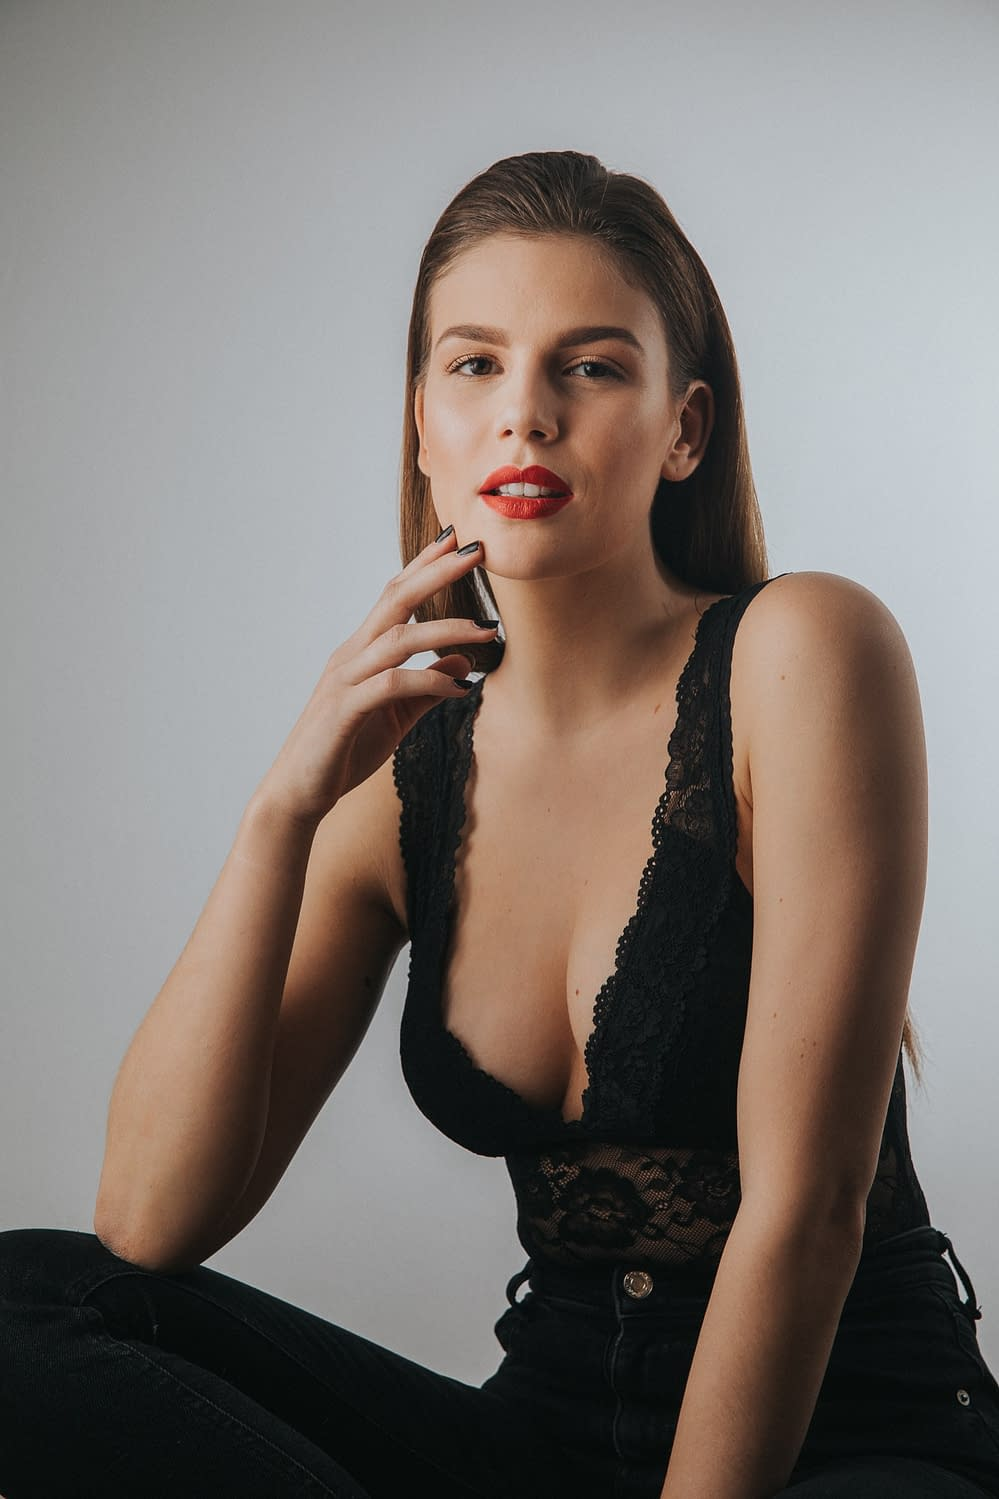 Model Test - Lejla - Beauty Portrait